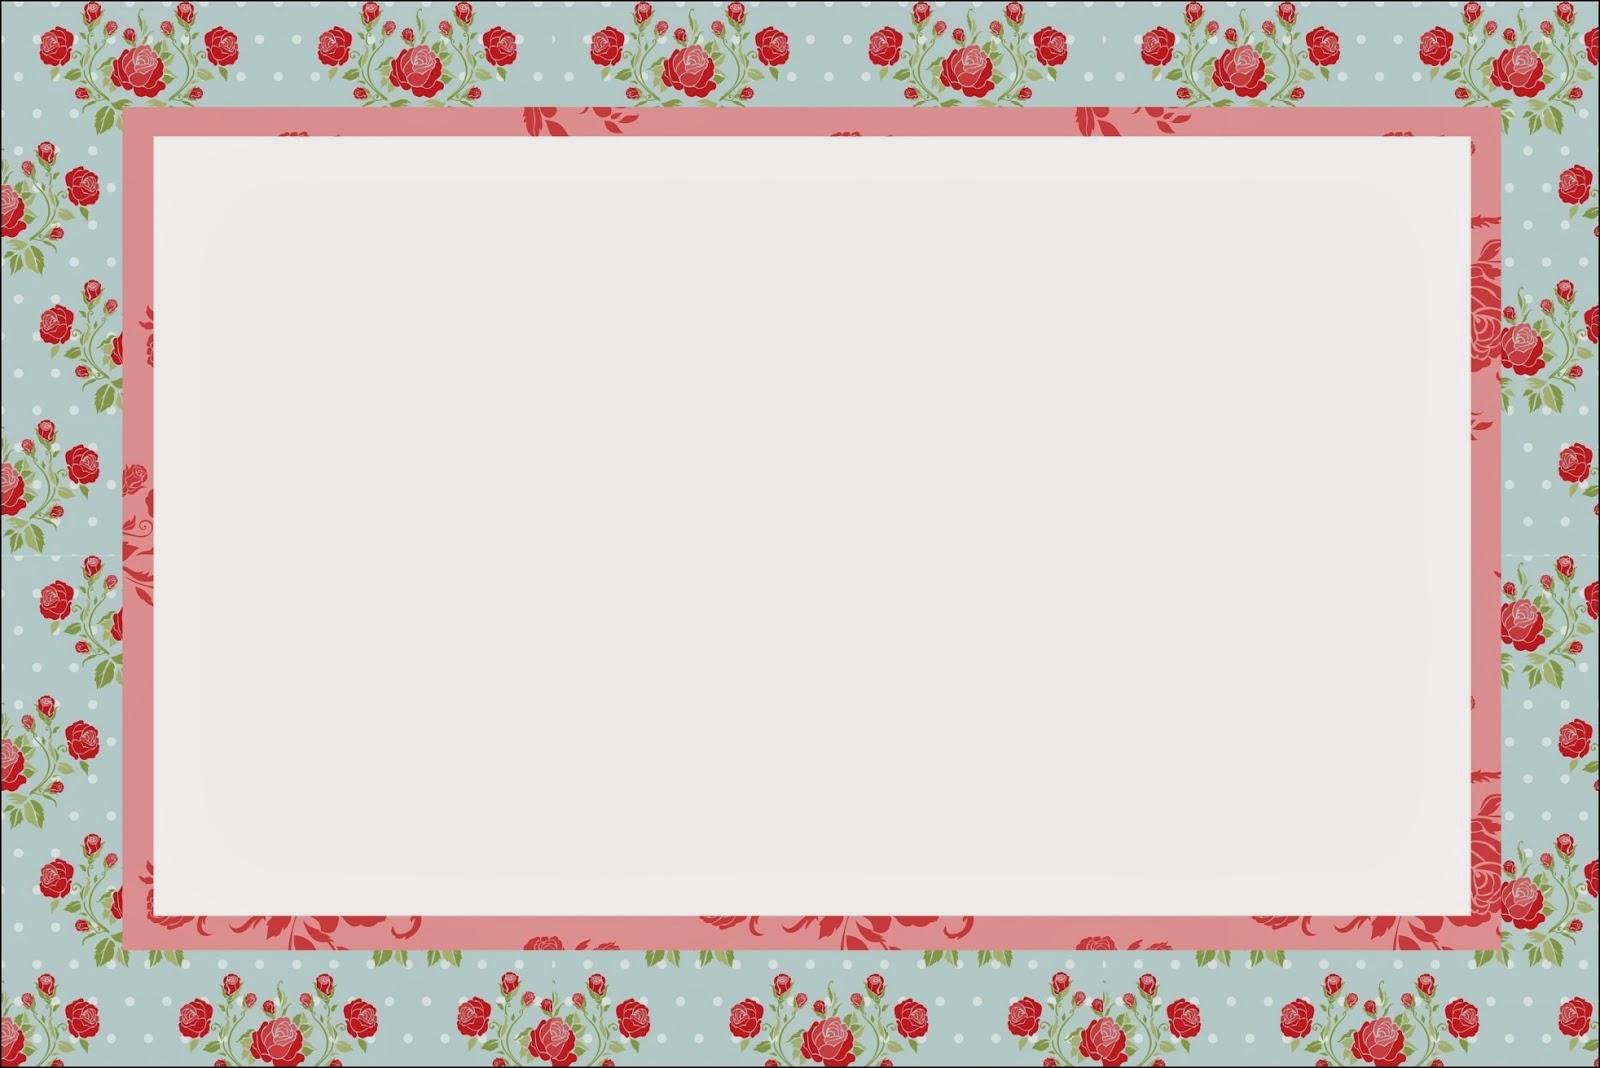 Para hacer invitaciones, tarjetas, marcos de fotos o etiquetas, para imprimir gratis de Shabby Chic de Rosas Rojas en Fondo Celeste